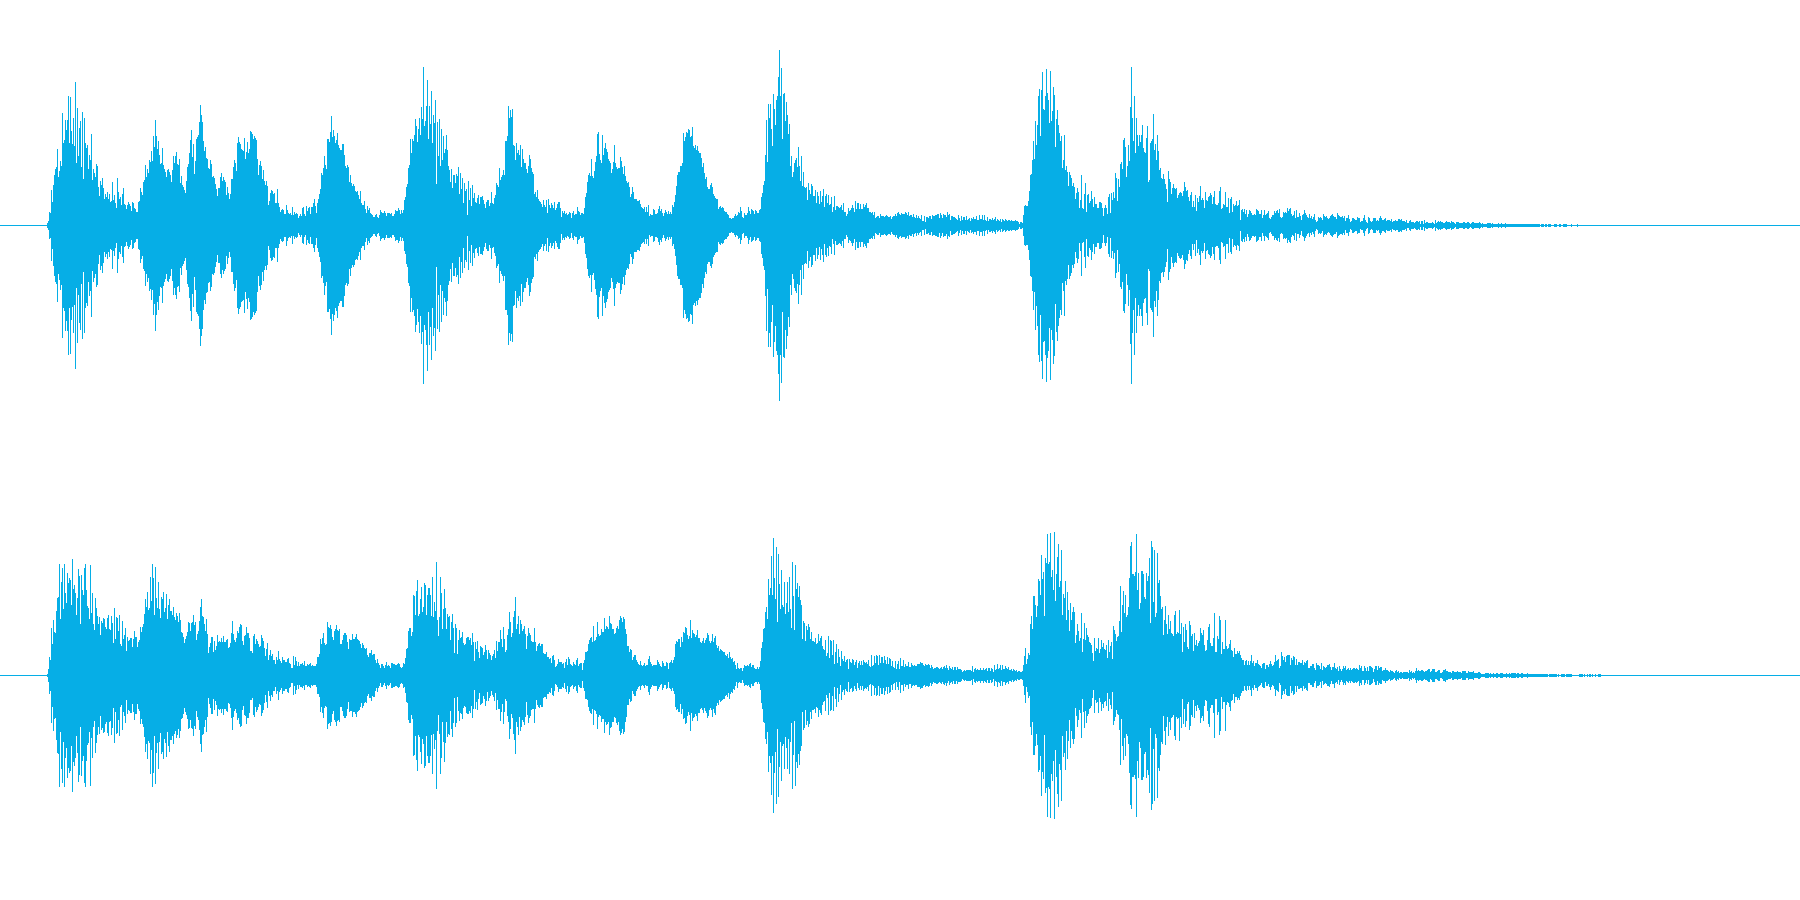 5秒ストリングスアイキャッチの再生済みの波形